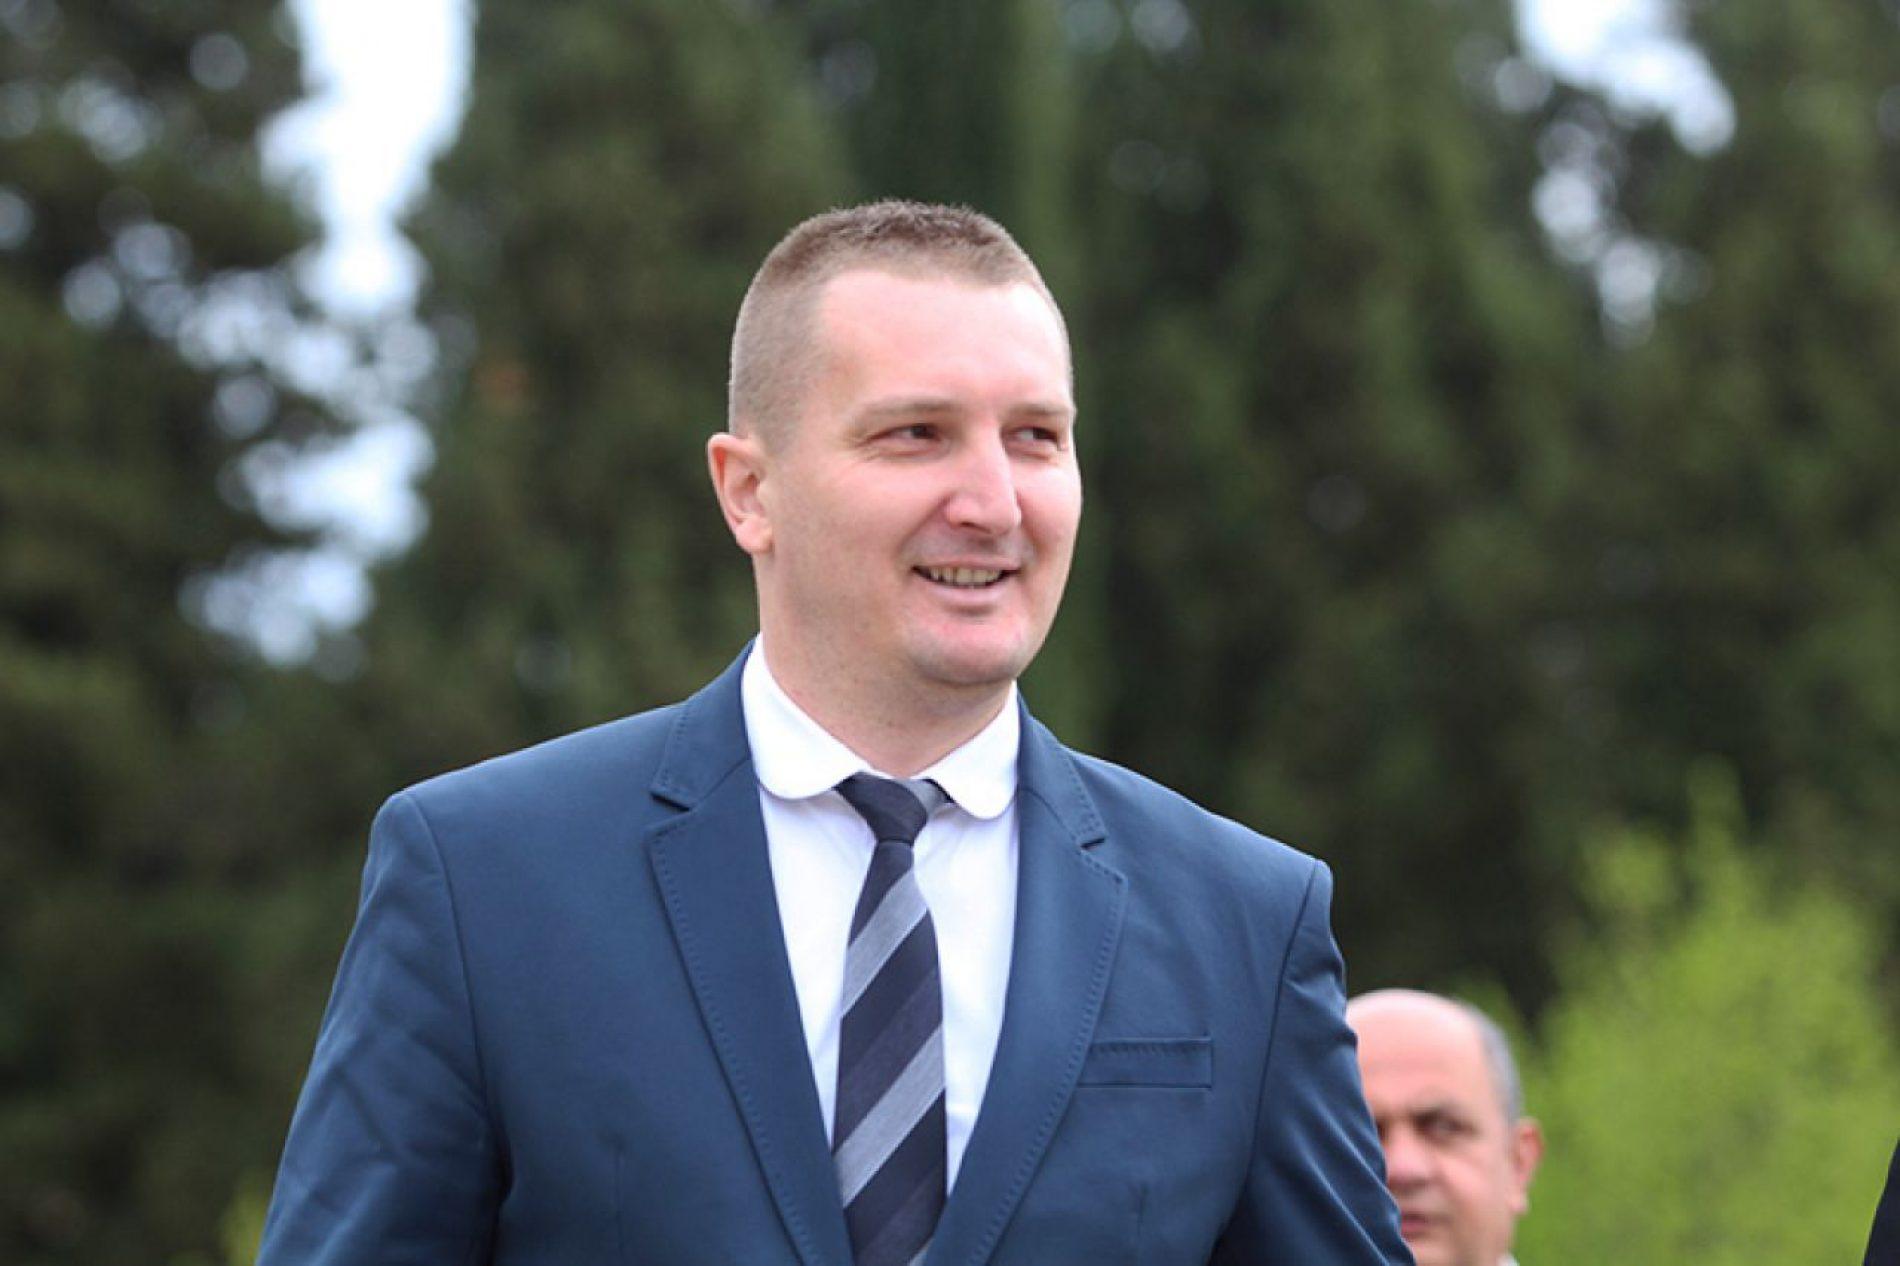 Oslobađanje ratnog zločinca i silovatelja djece u režiji ministra Grubeše i pravosuđa Hrvatske je izrugivanje pravdi